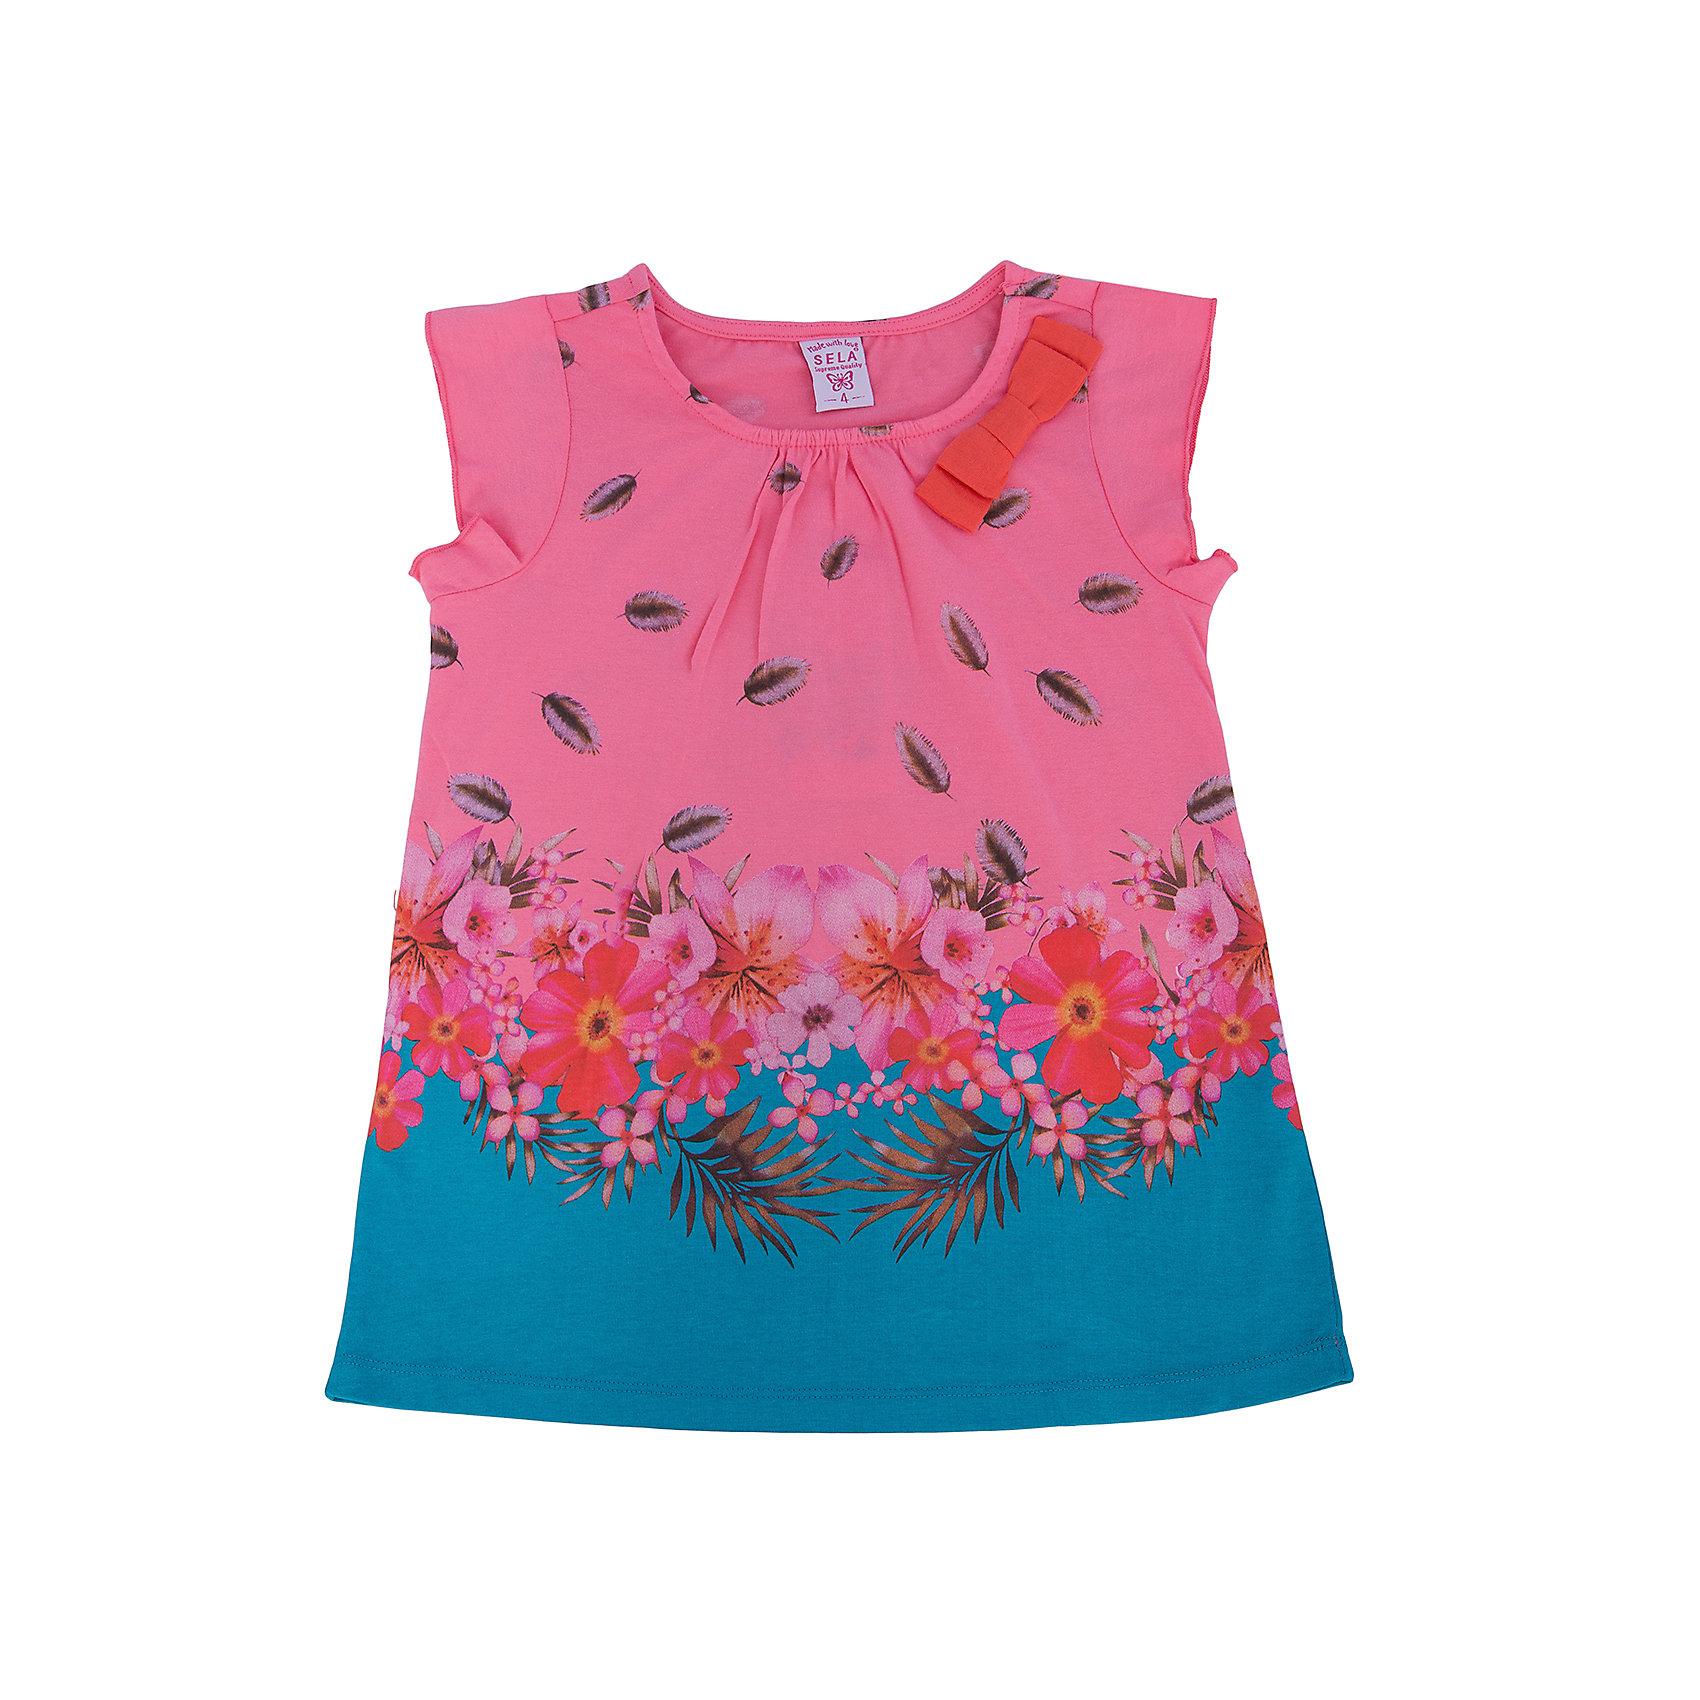 Футболка для девочки SELAФутболки, поло и топы<br>Блузка от известной марки SELА поможет разнообразить летний гардероб девочки, создать нарядный или повседневный образ. Удобный крой и качественный материал обеспечат ребенку комфорт при ношении этой вещи. <br>Горловина изделия - круглая, украшена бантом. Силуэт - стильный,  прямой, слегка расширенный. Приятная на ощупь ткань не вызывает аллергии. Изделие украшено стильным принтом.<br><br>Дополнительная информация:<br><br>материал: 100% хлопок;<br>цвет: белый;<br>удлиненная;<br>рукав-крылышко (короткий);<br>силуэт прямой, слегка расширенный;<br>уход за изделием: стирка в машине при температуре до 30°С, не отбеливать, гладить при низкой температуре.<br><br>Блузку от бренда SELА (Села) можно купить в нашем магазине.<br><br>Ширина мм: 230<br>Глубина мм: 40<br>Высота мм: 220<br>Вес г: 250<br>Цвет: розовый<br>Возраст от месяцев: 48<br>Возраст до месяцев: 60<br>Пол: Женский<br>Возраст: Детский<br>Размер: 110,116,92,98,104<br>SKU: 4741057